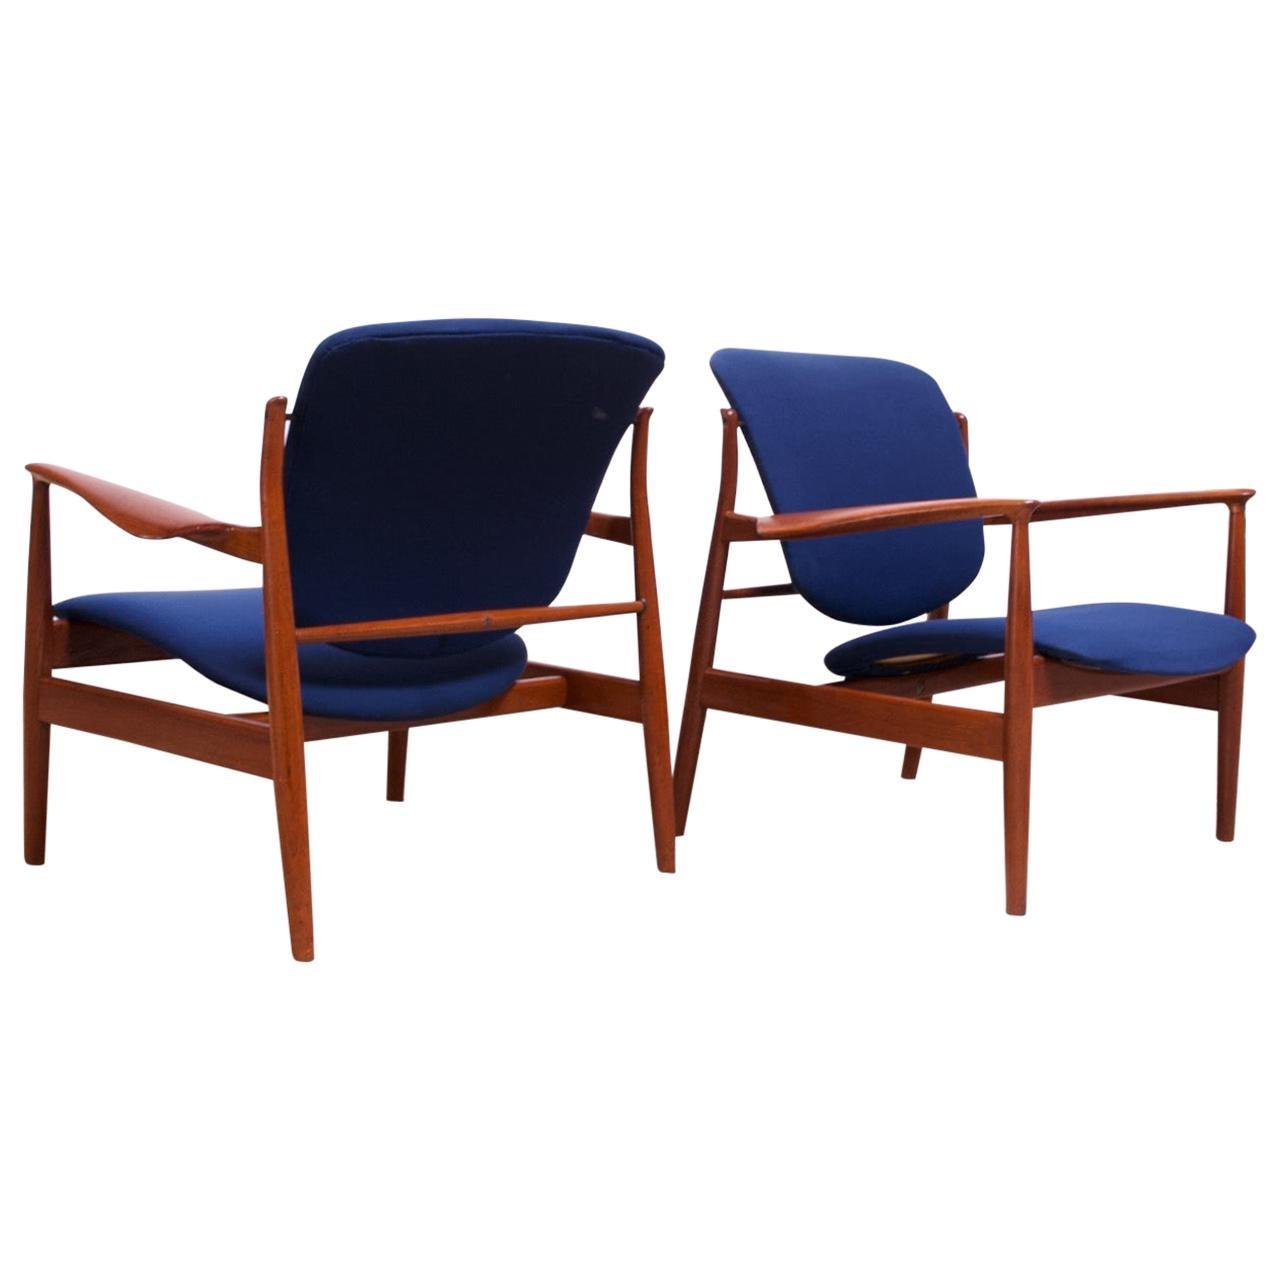 Finn Juhl Teak Lounge Chairs Model FD-136 for France & Daverkosen